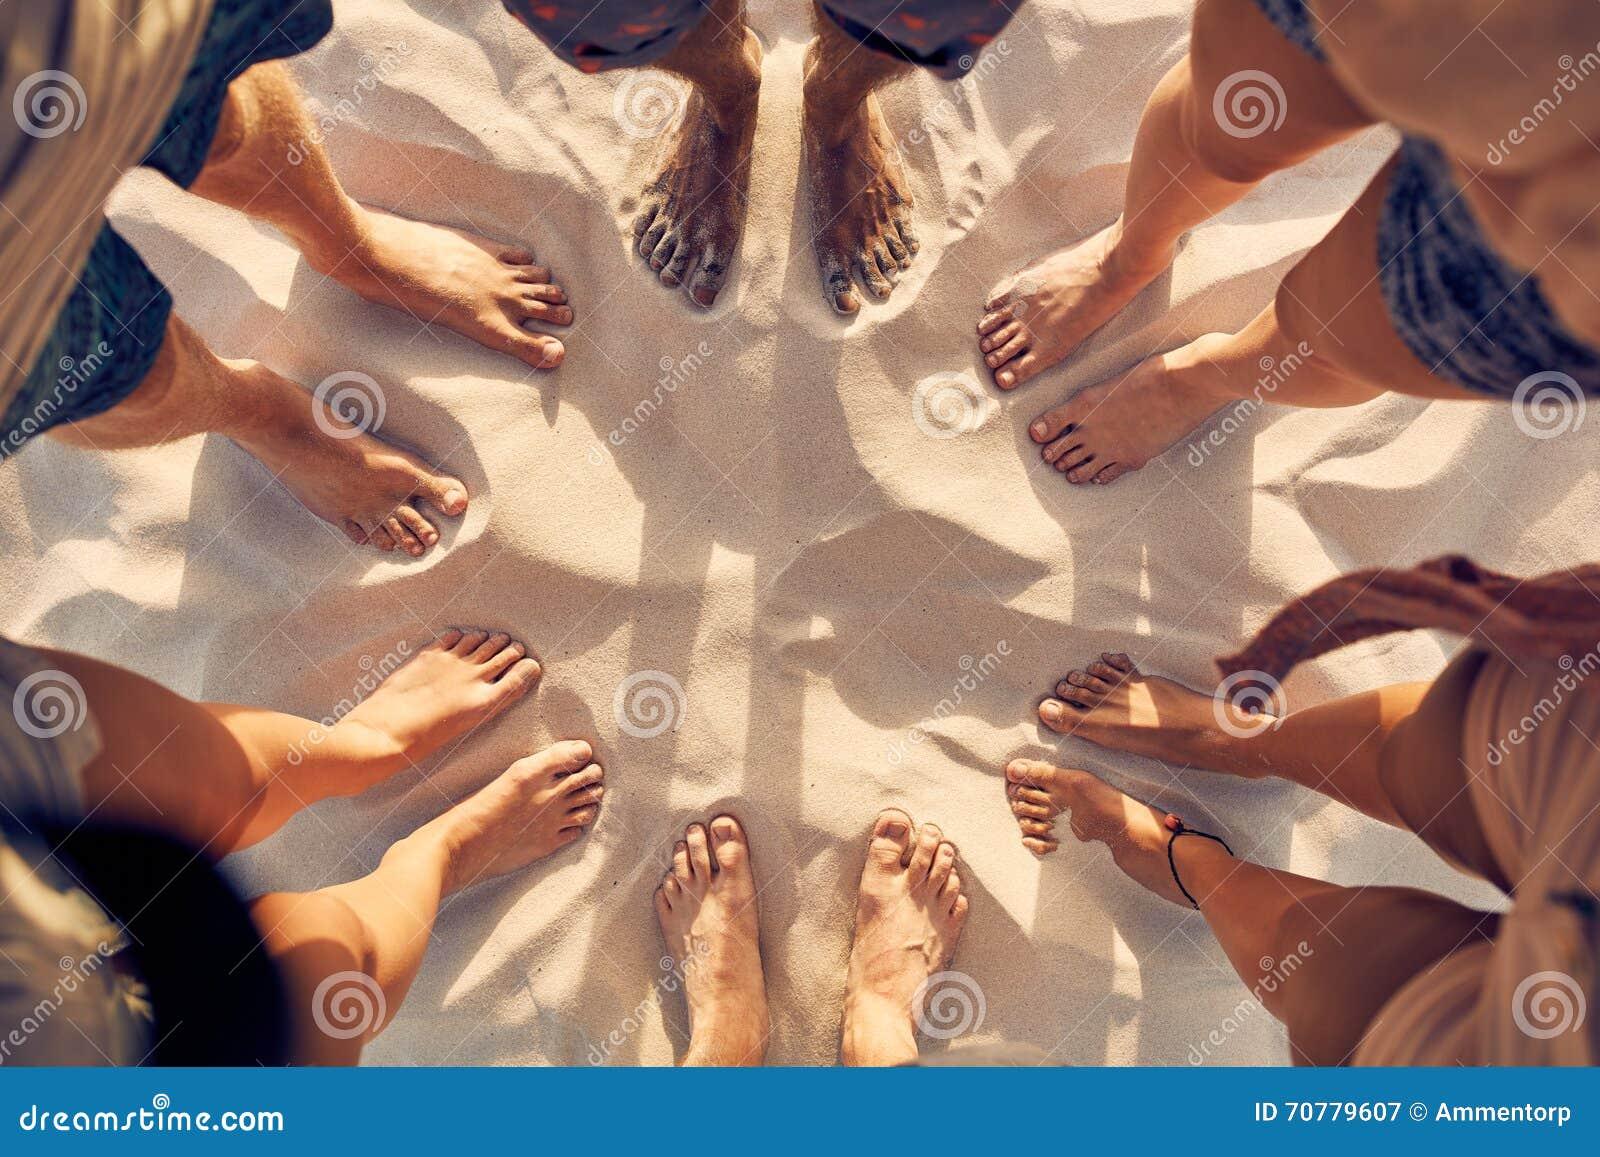 Einheit in der Verschiedenartigkeit